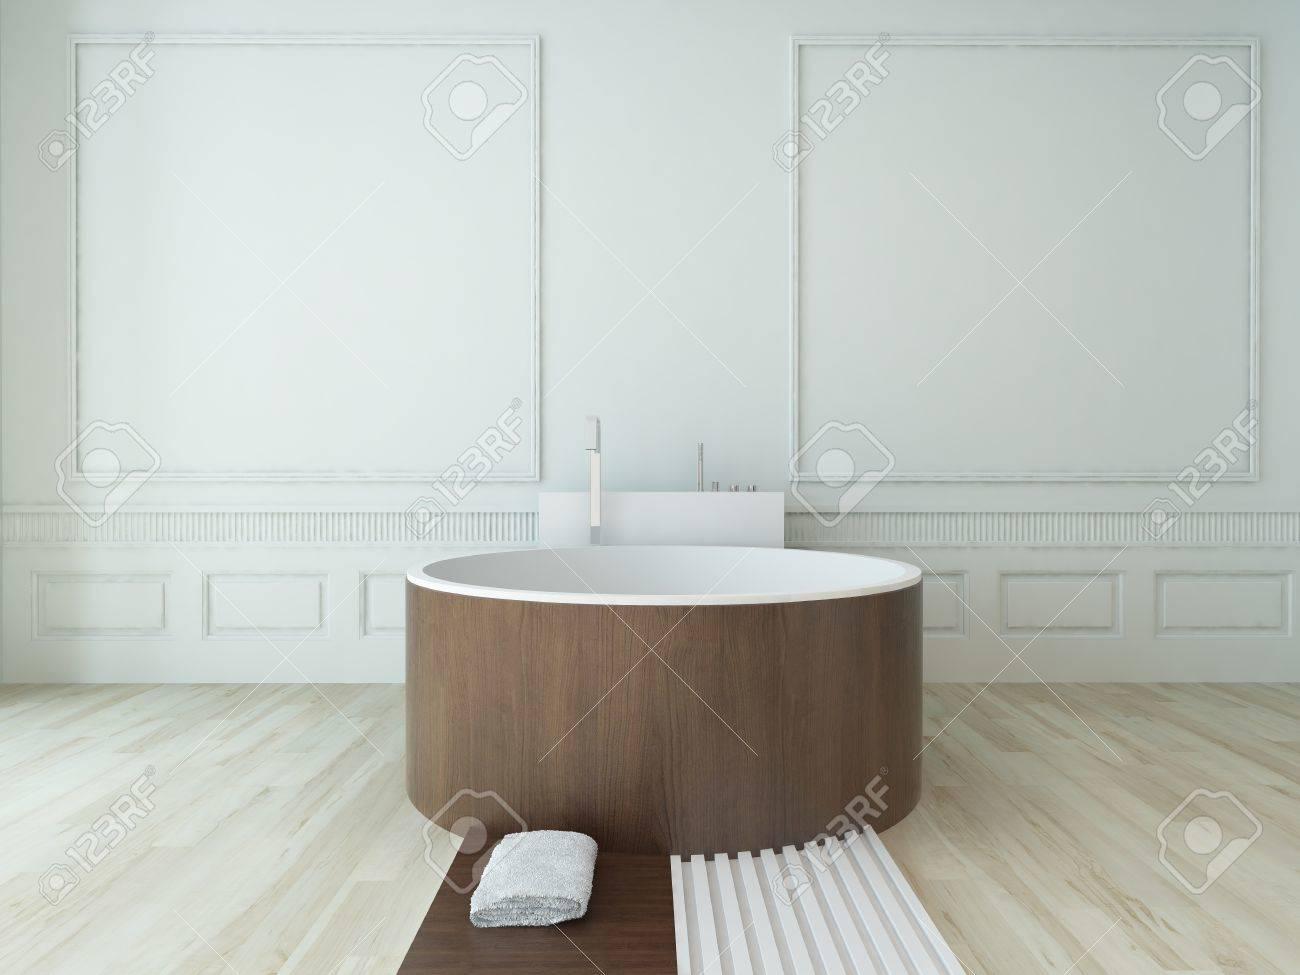 Style moderne baignoire en bois dans une chambre de luxe blanc ...